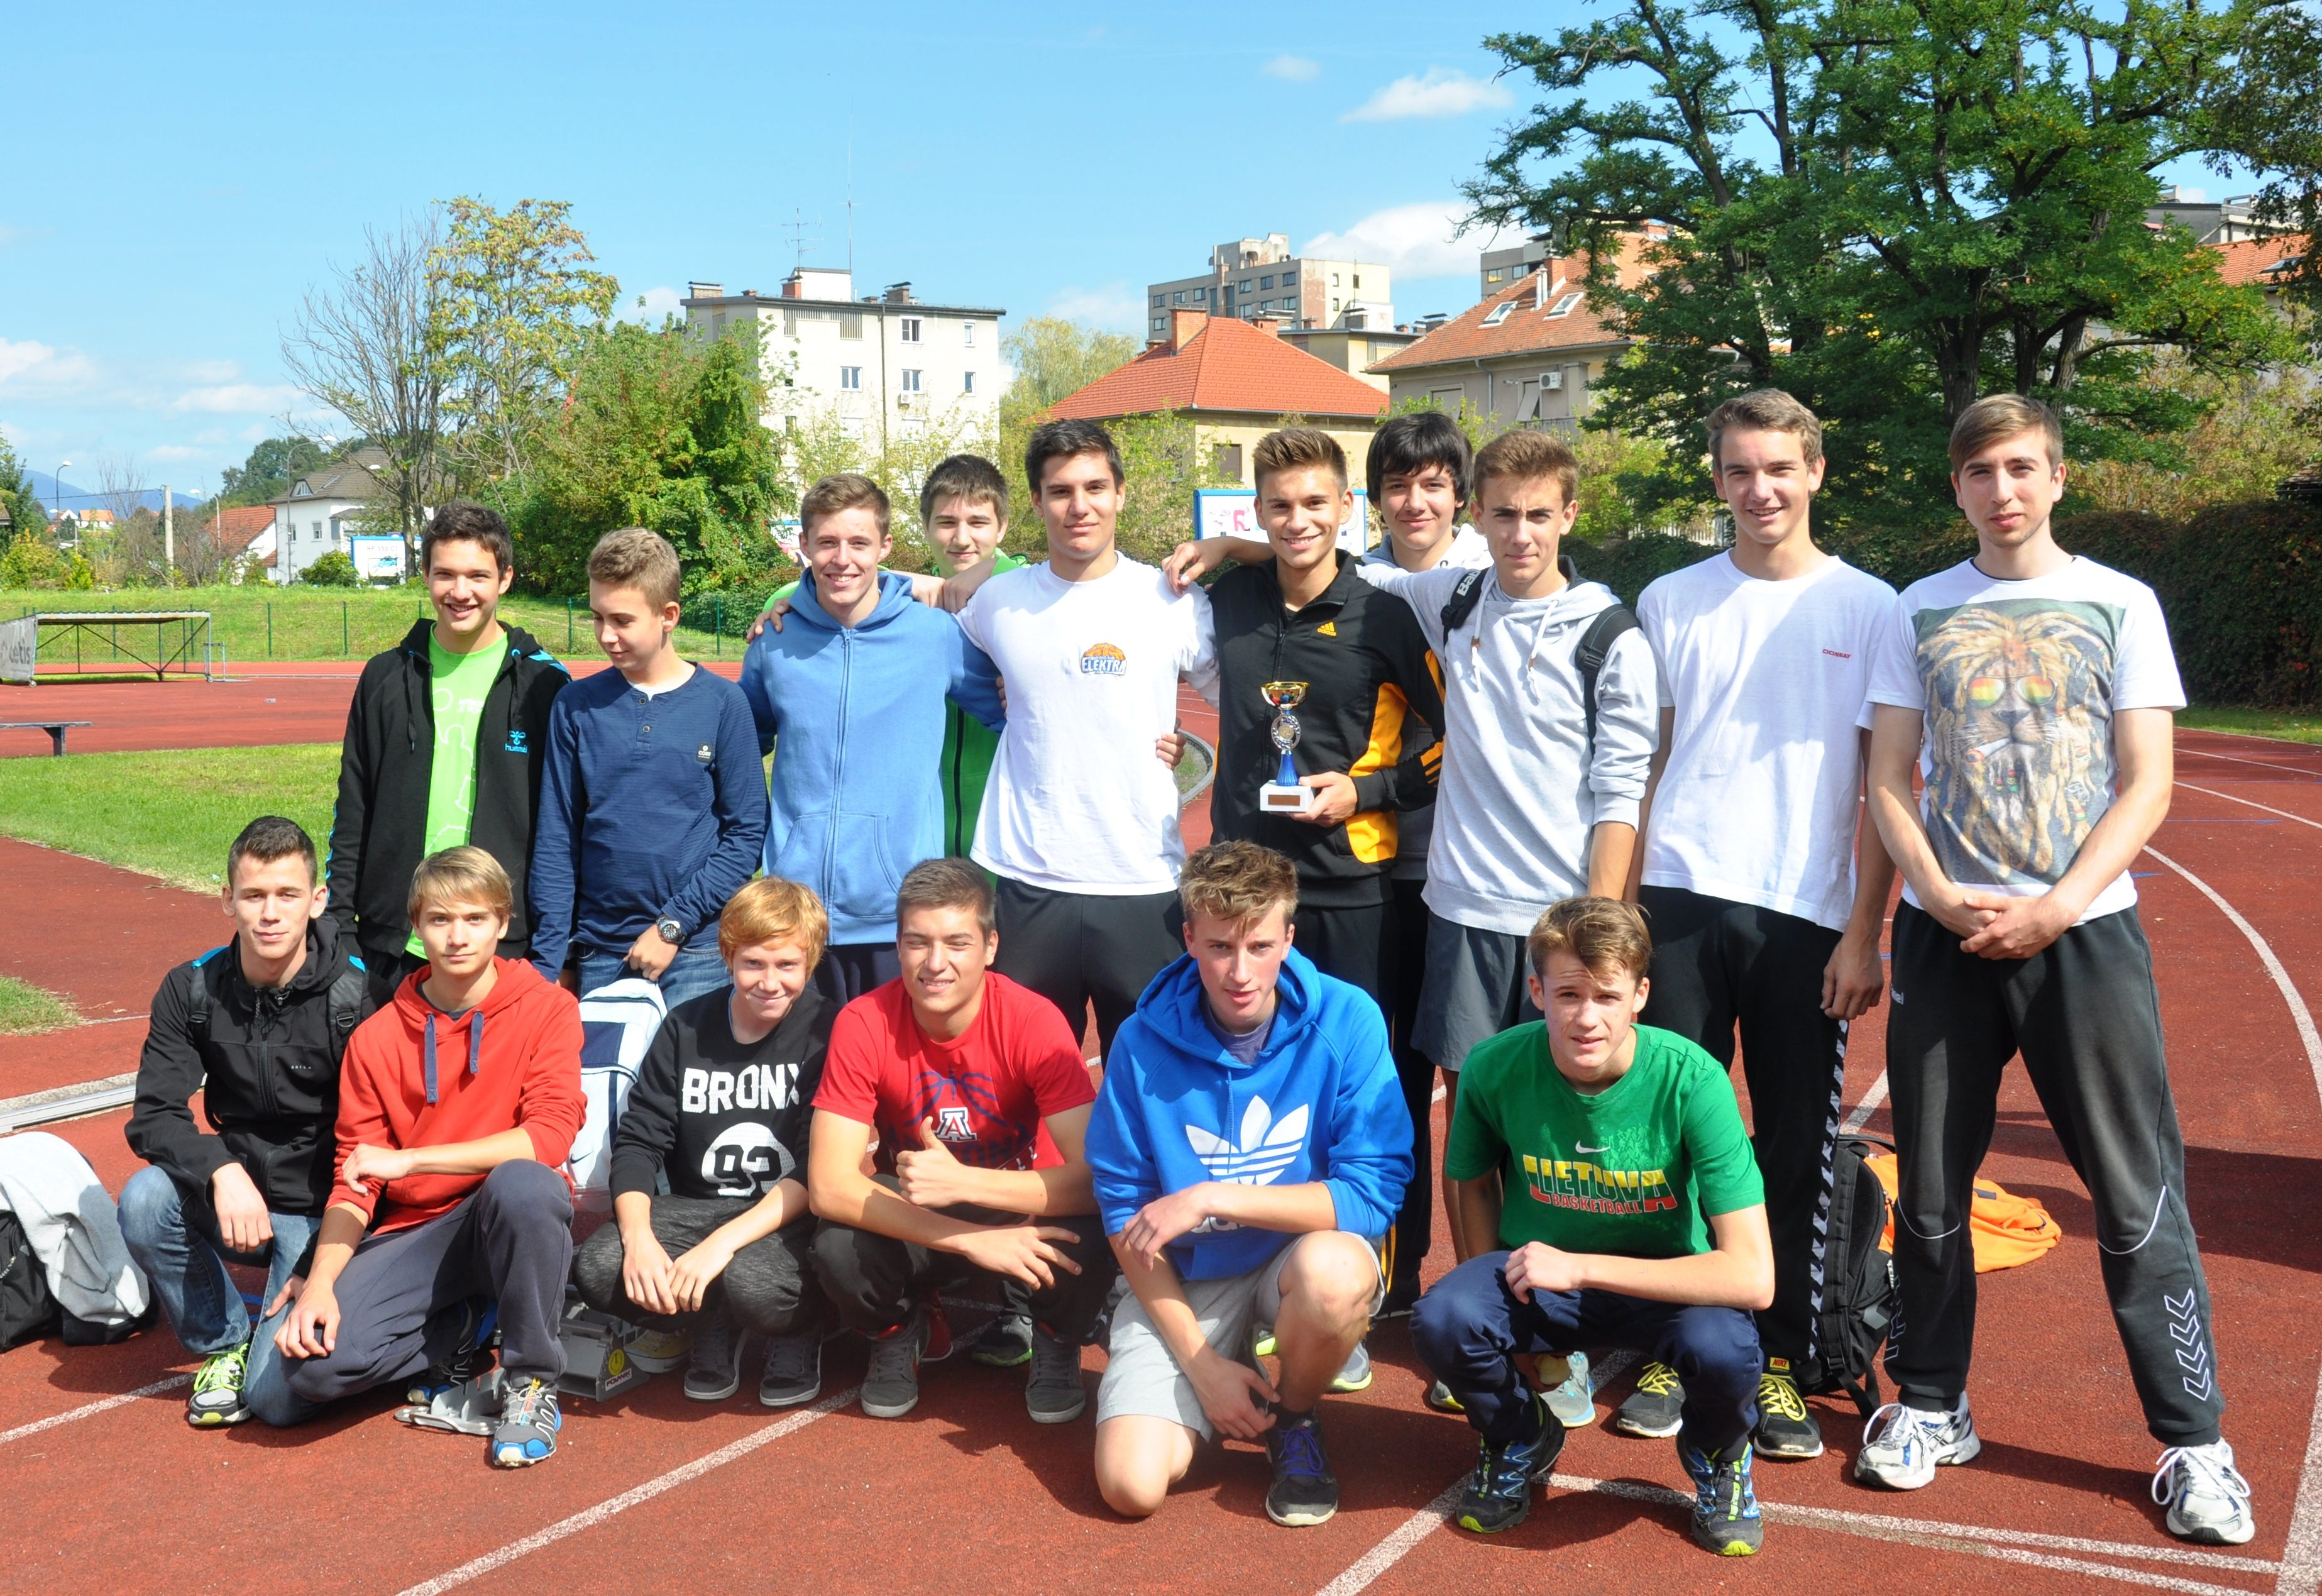 Slika 2 Področno ekipno atletsko Celje dijaki 3. Mesto 24.9.2014